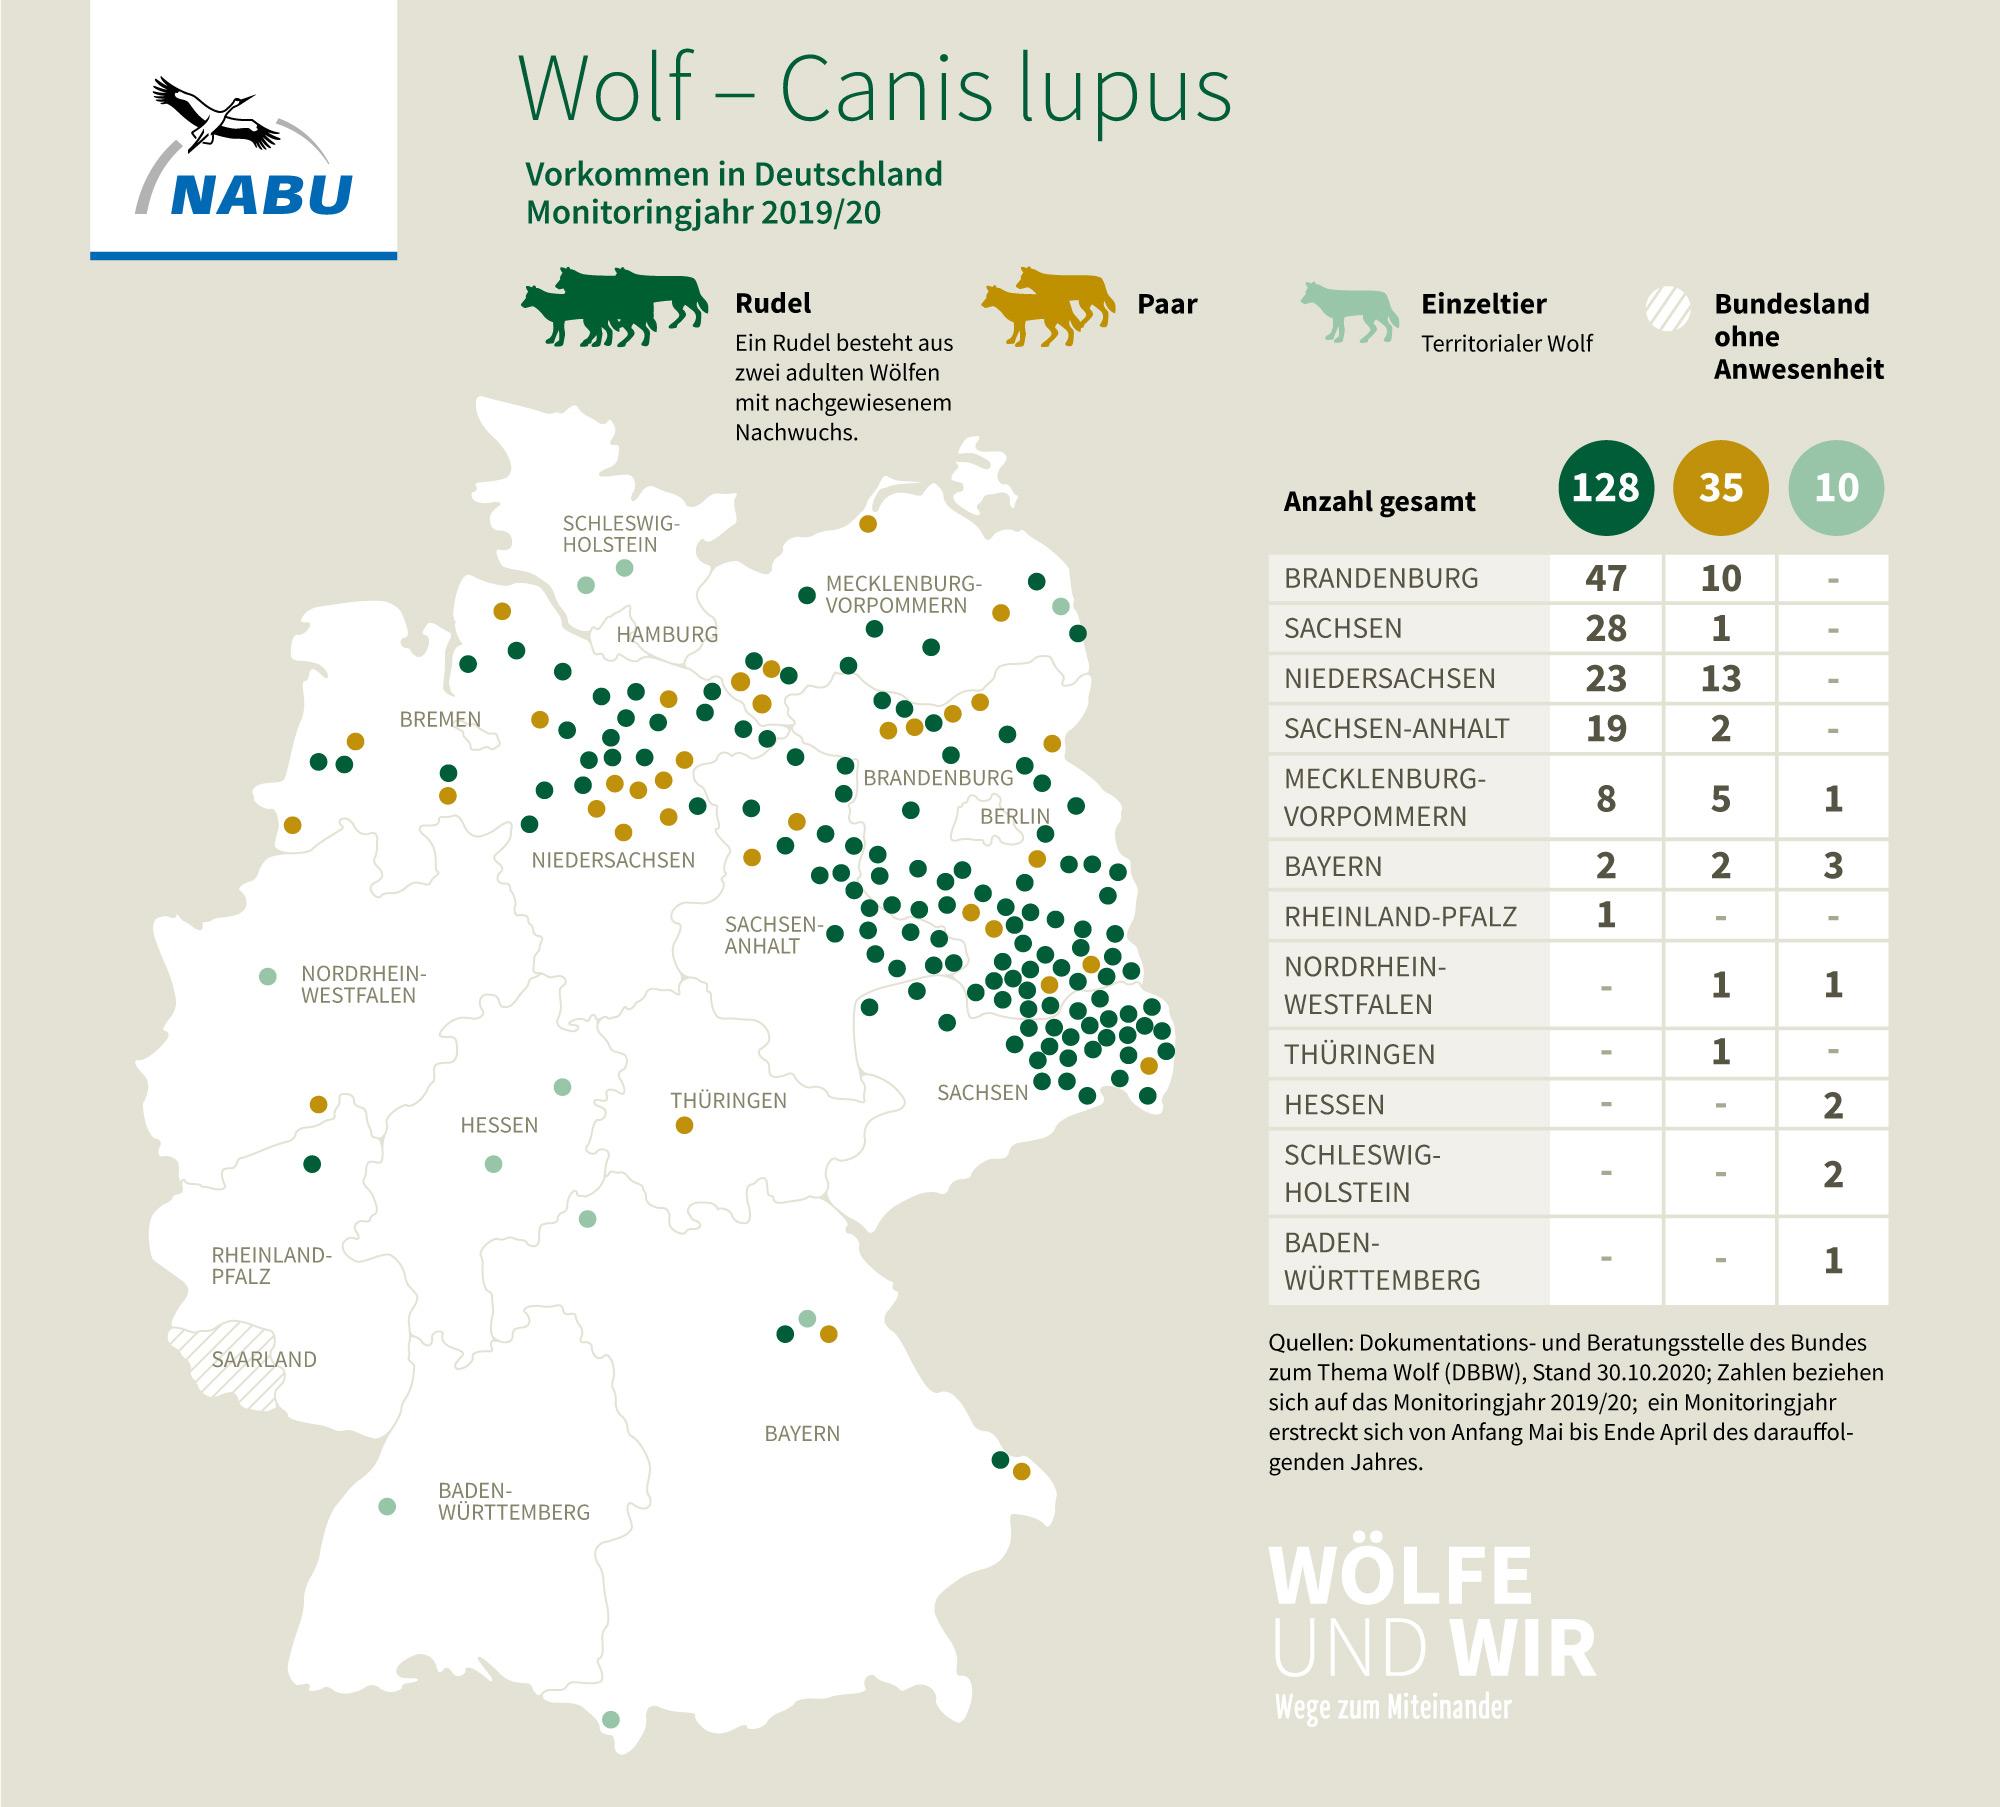 Verbreitungskarte Wölfe in Deutschland im Jahre 2020